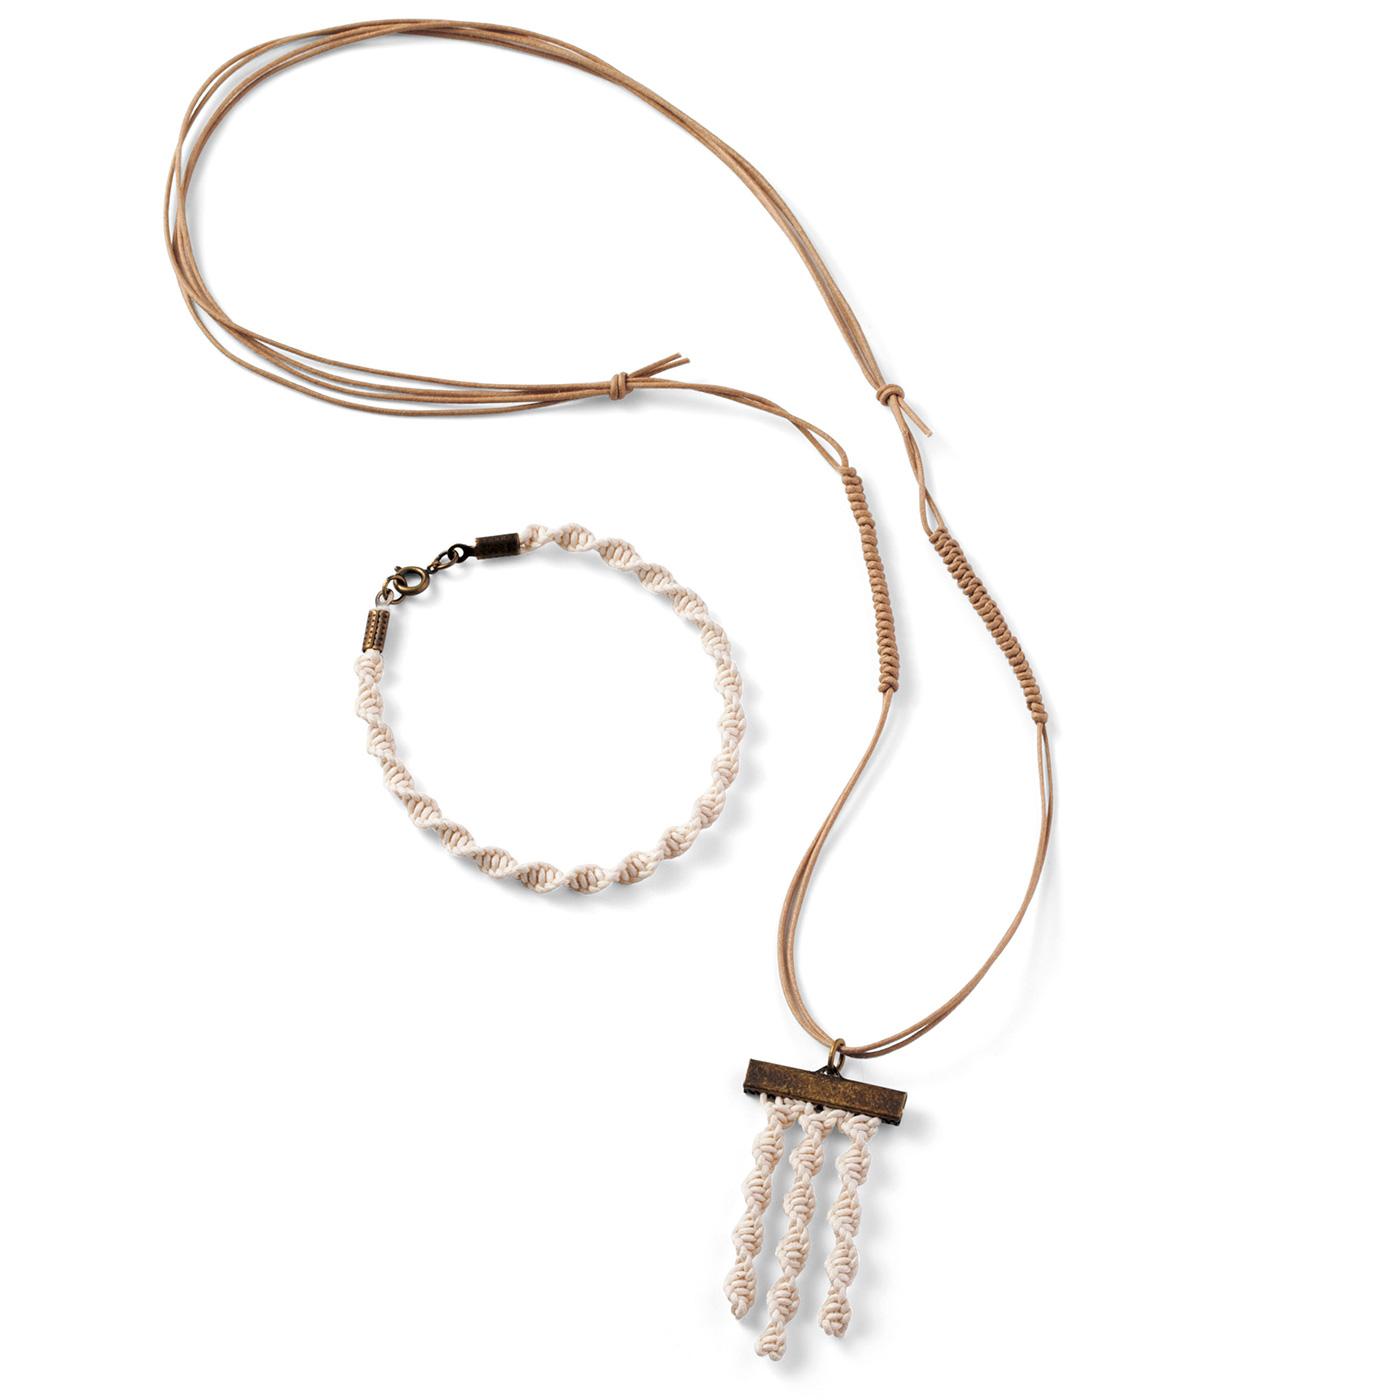 ねじり結びのネックレス&ブレスレット ネックレス:全長約60cm ブレスレット:全長約21cm